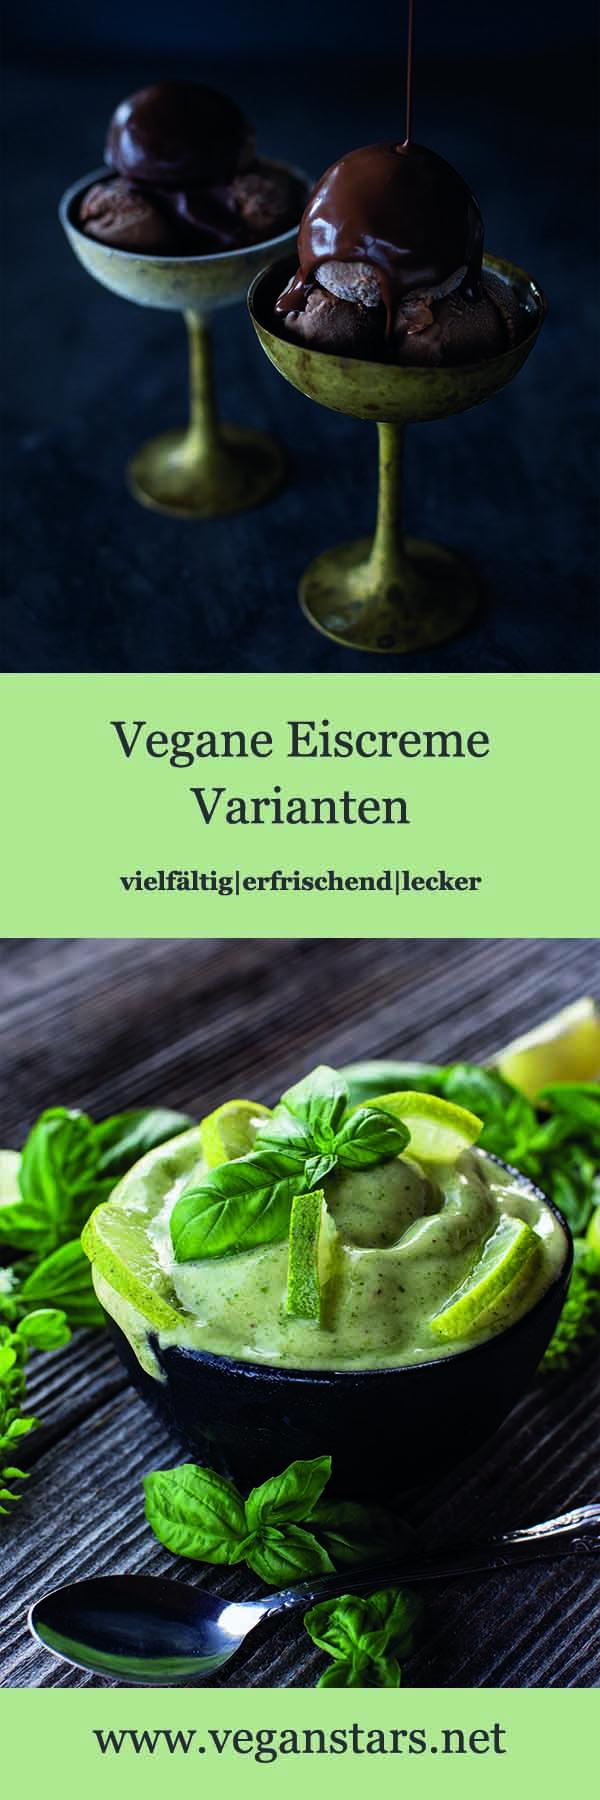 Vegane Eiscreme Varianten